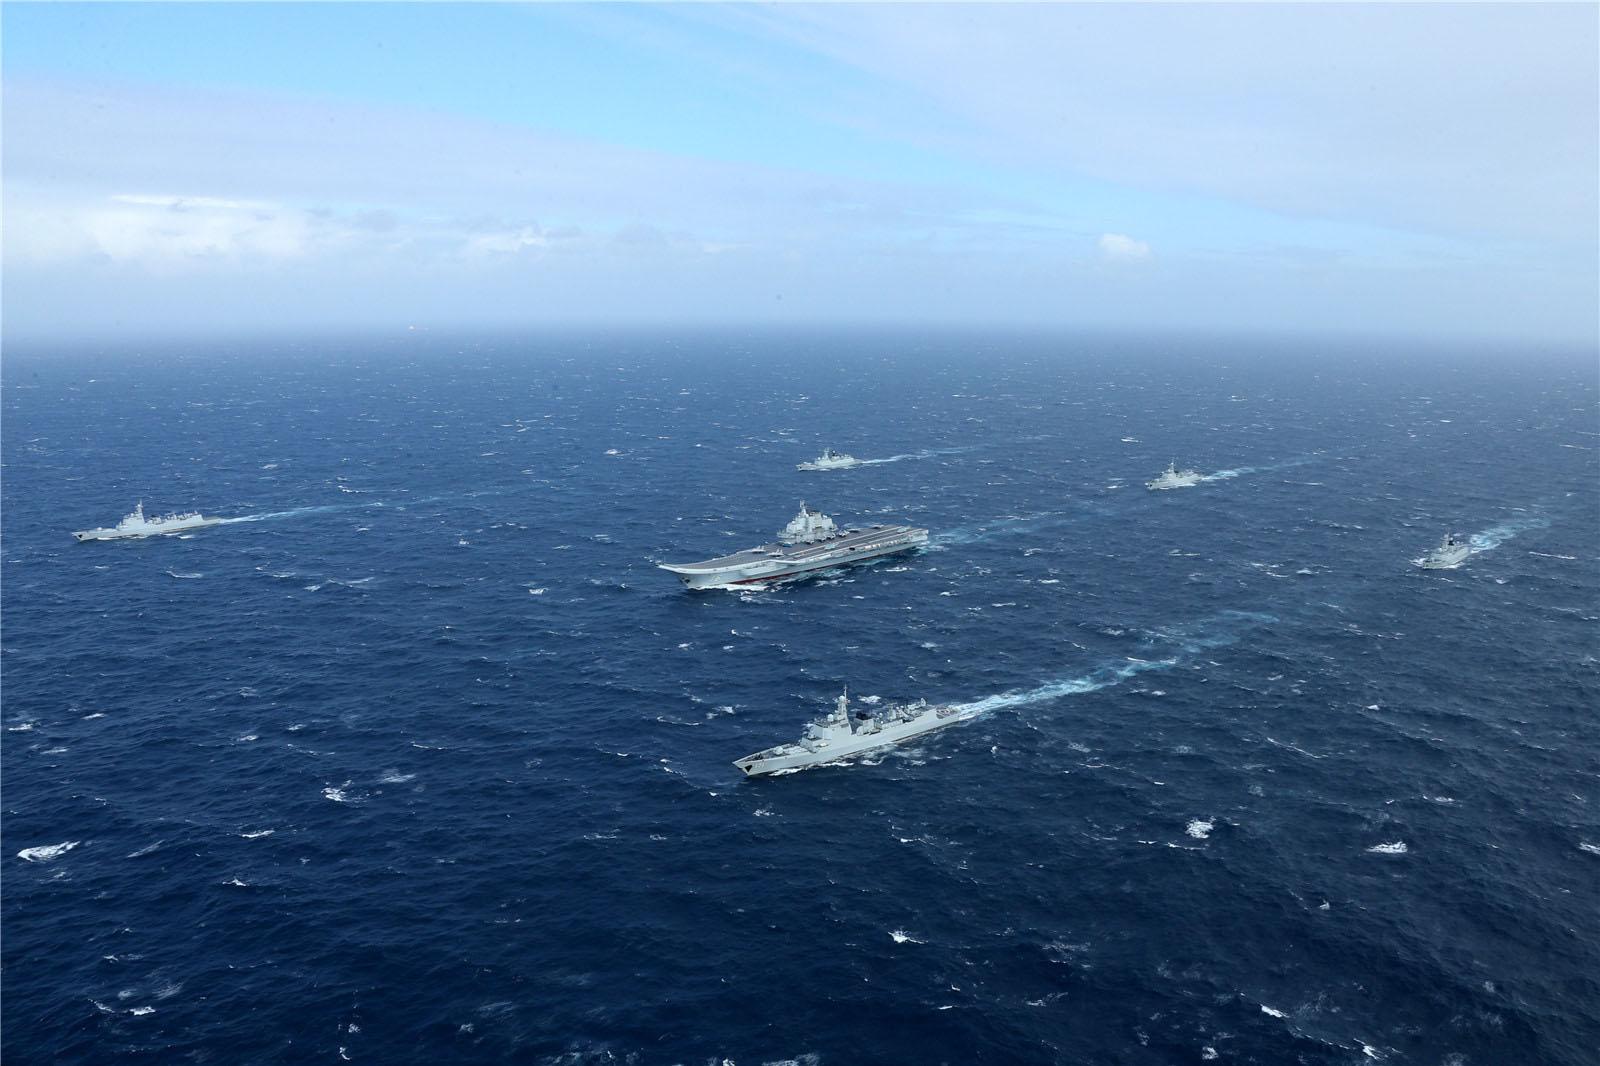 学者:中国与菲联合巡航须审慎 需考量美国反应